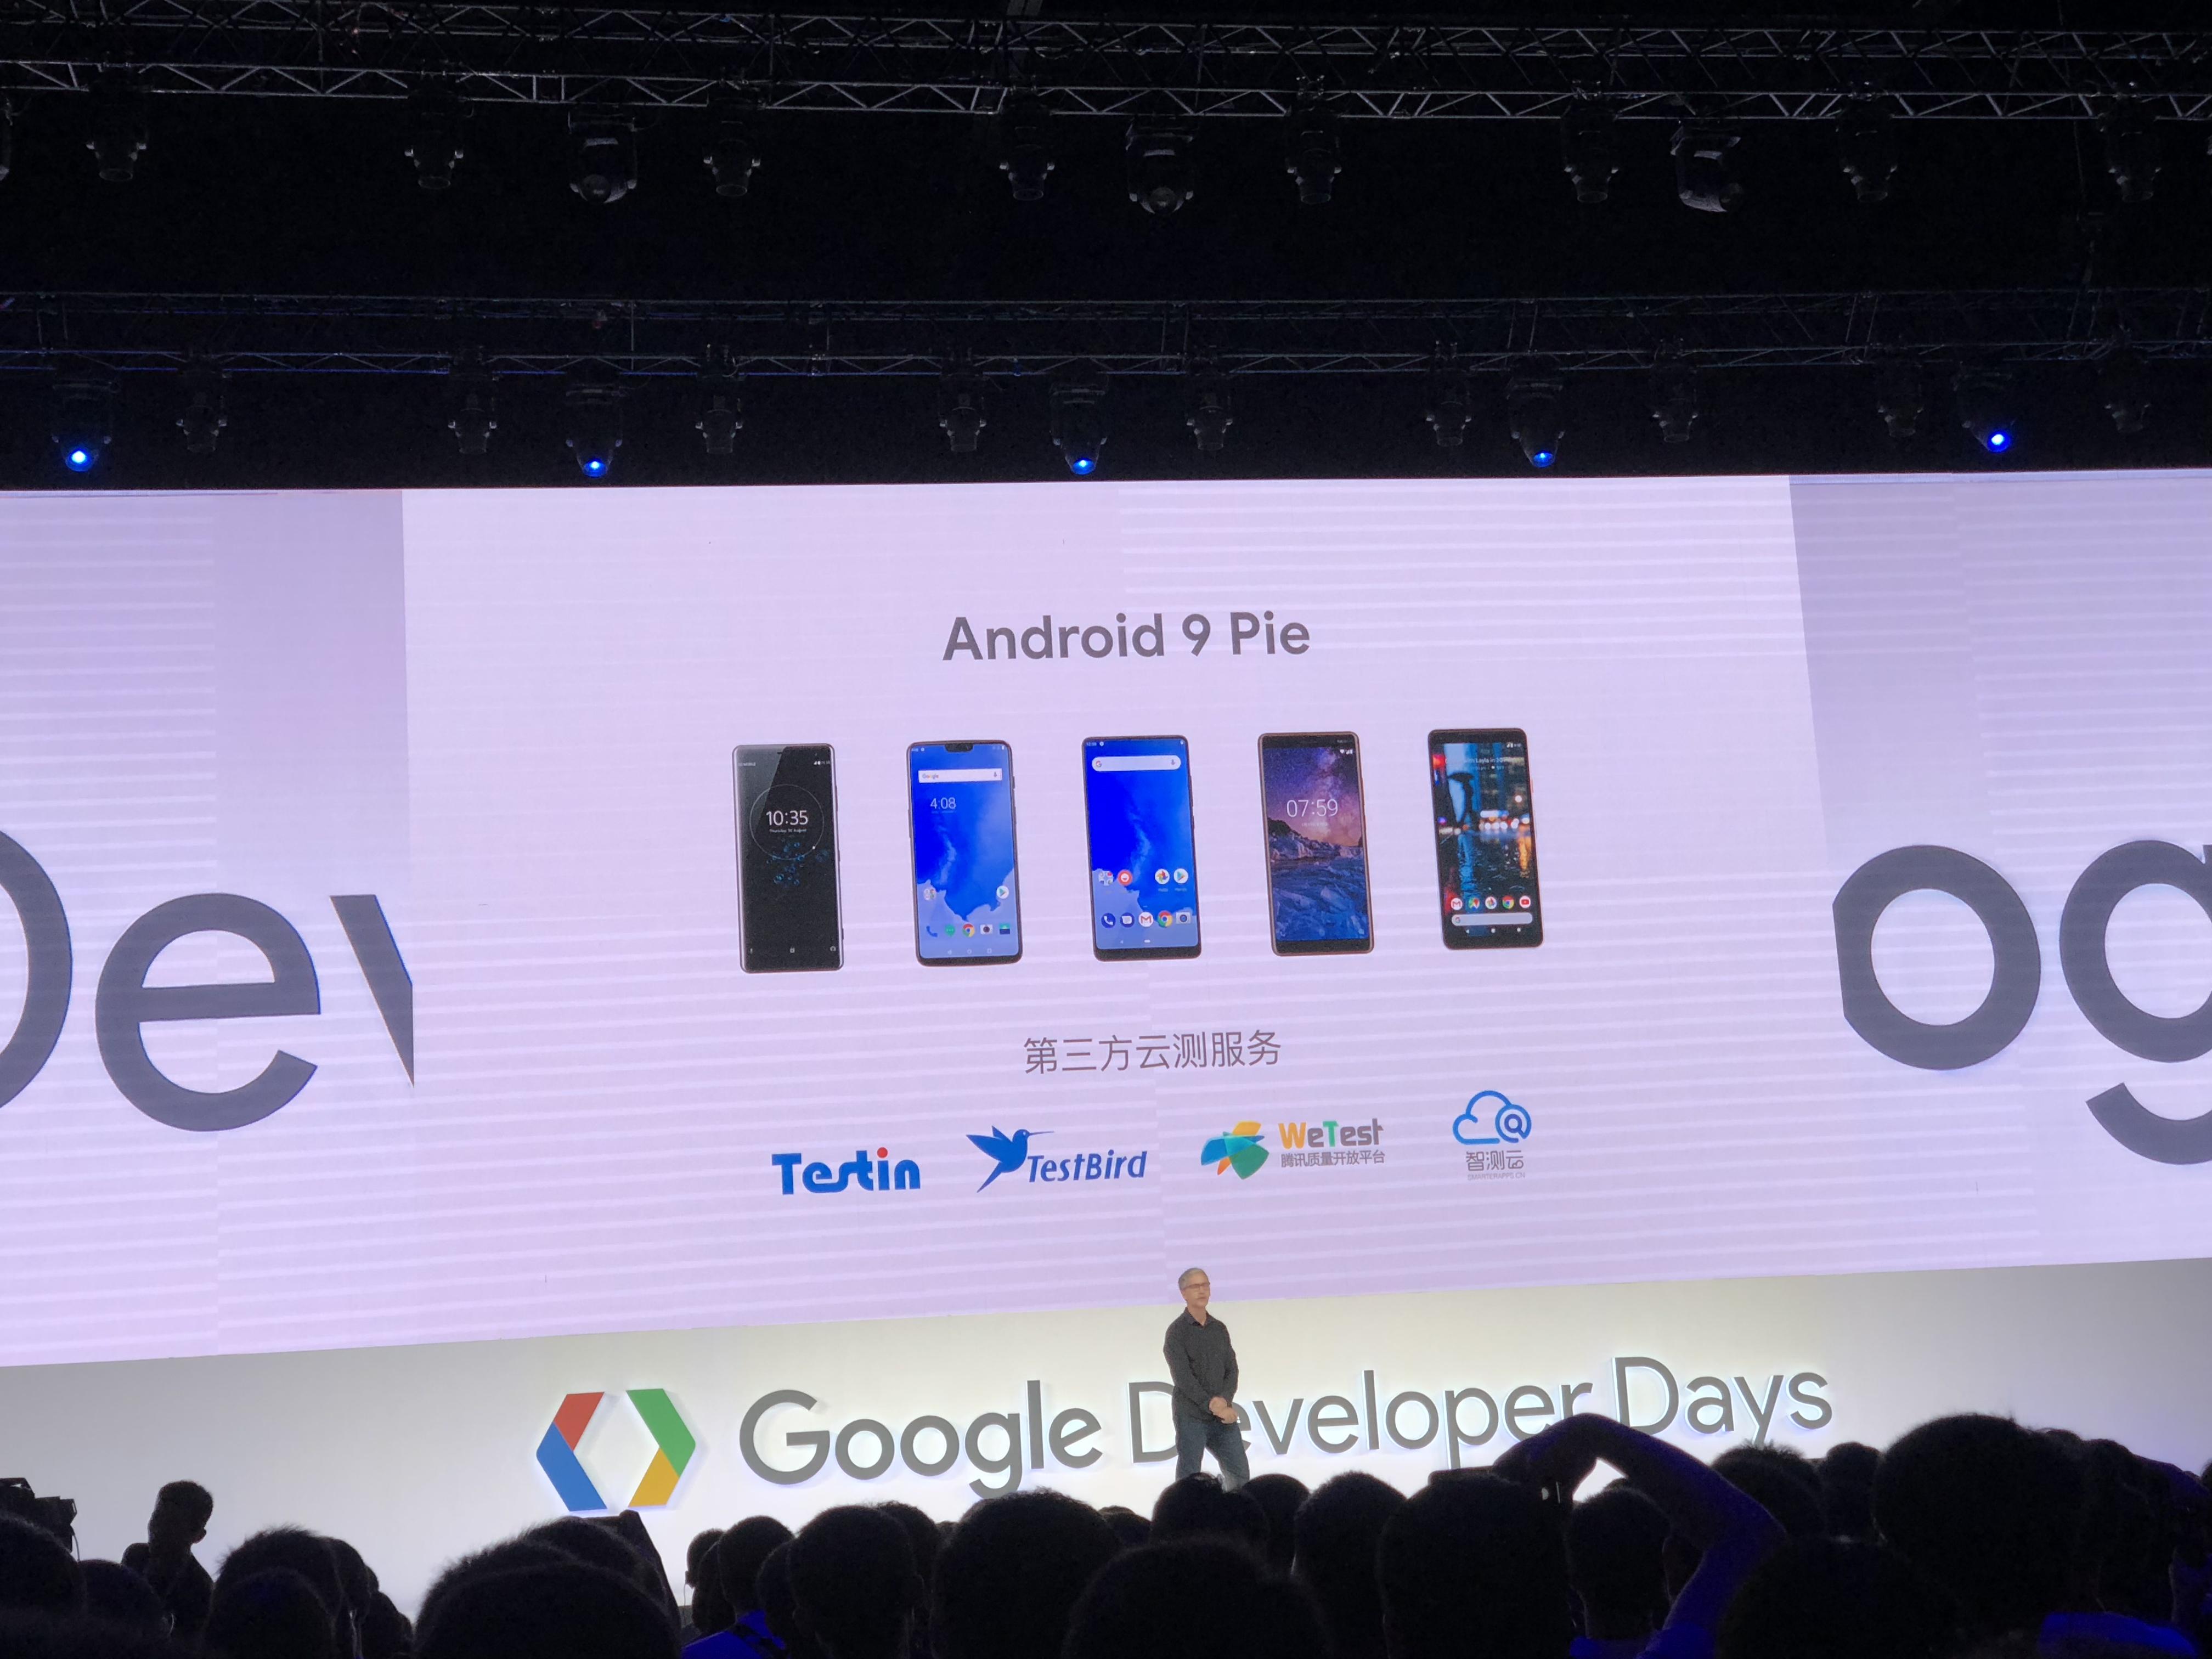 中国开发者大会 谷歌带来了Android 9和AI小程序的多项更新